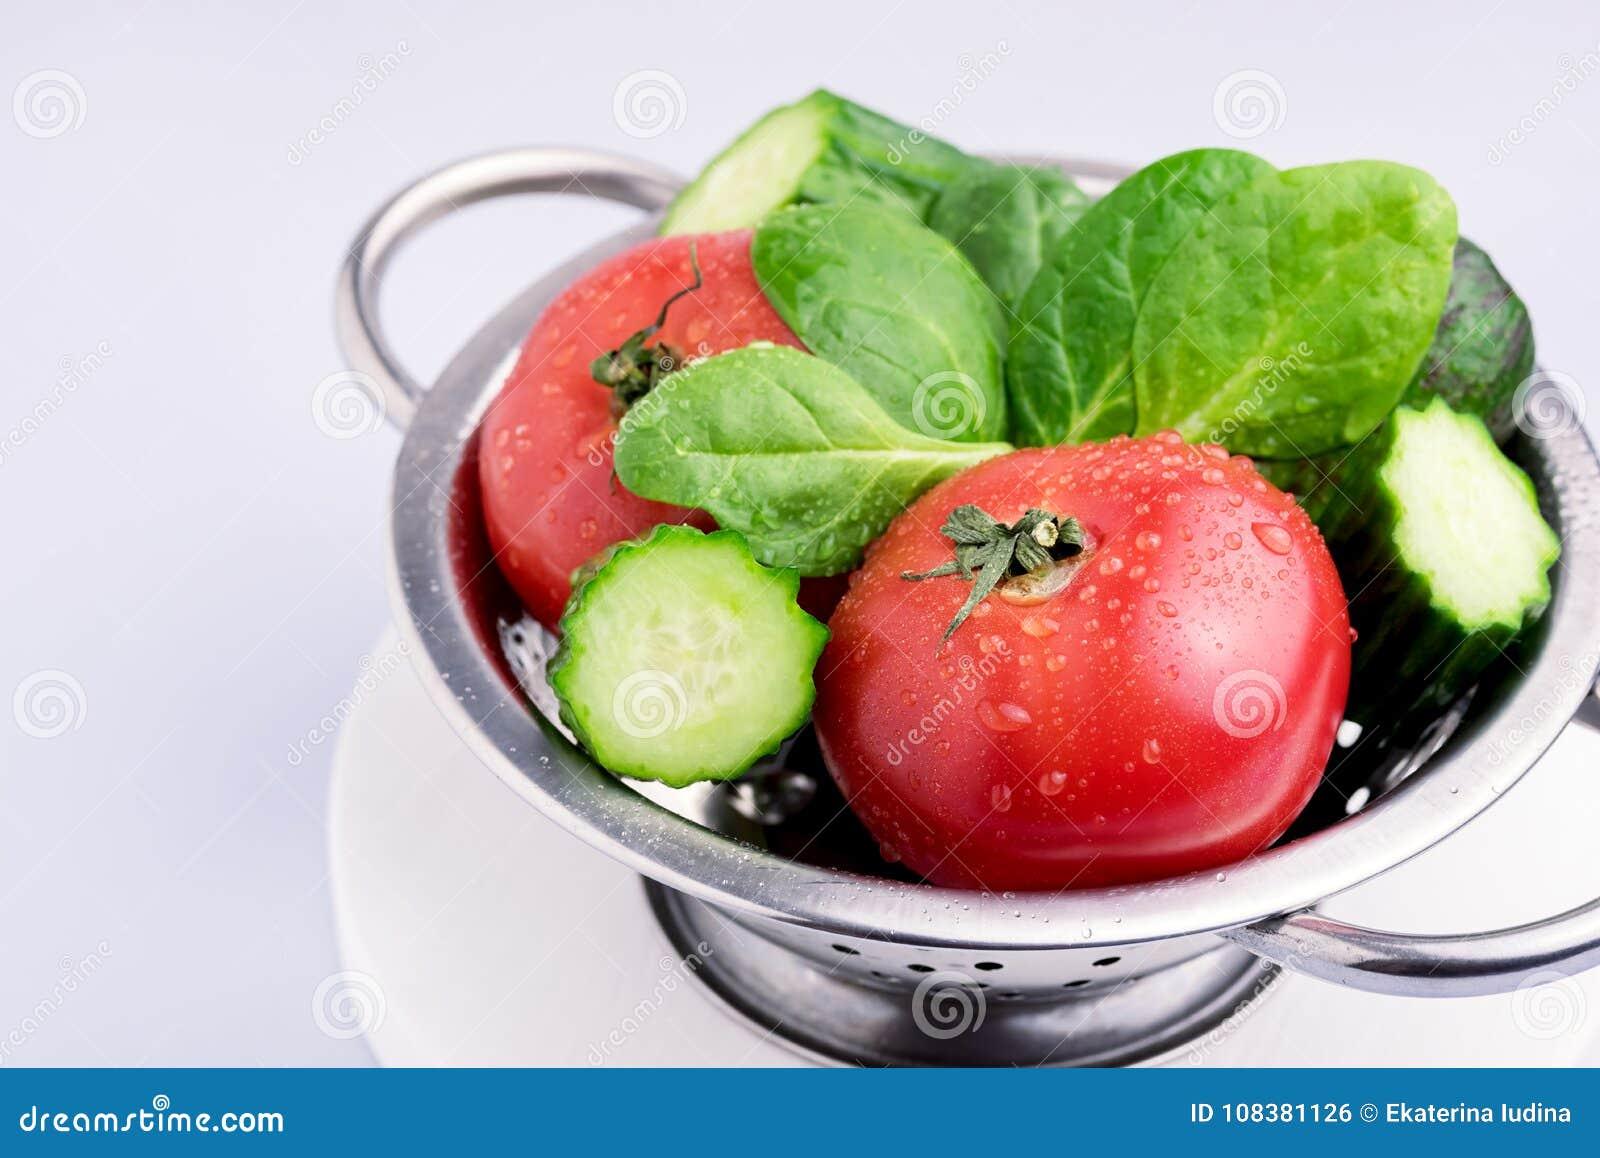 Satz rohes Gemüse geschmackvoll und schöner Tomaten-Gurken-Avocado-Spinat Gray Background Close Up Ingredients für Salat